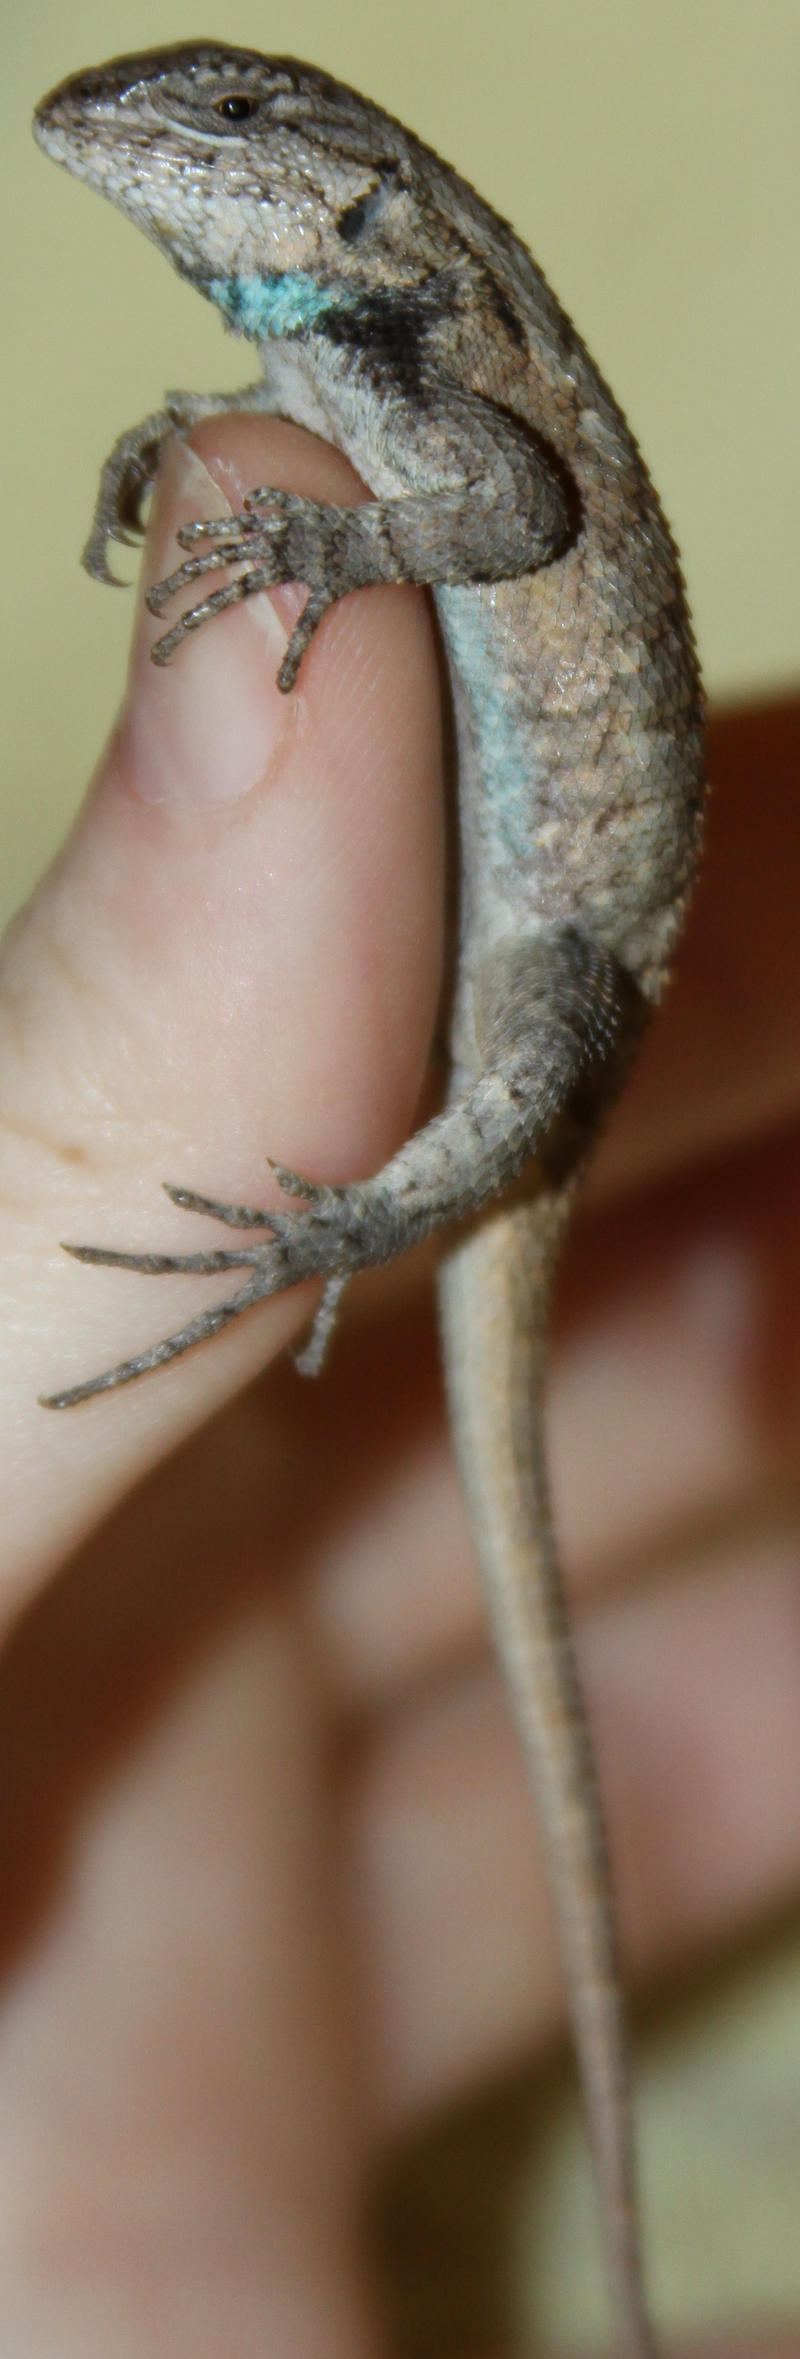 Eastern Fence Lizard? Stock by Lovely-DreamCatcher